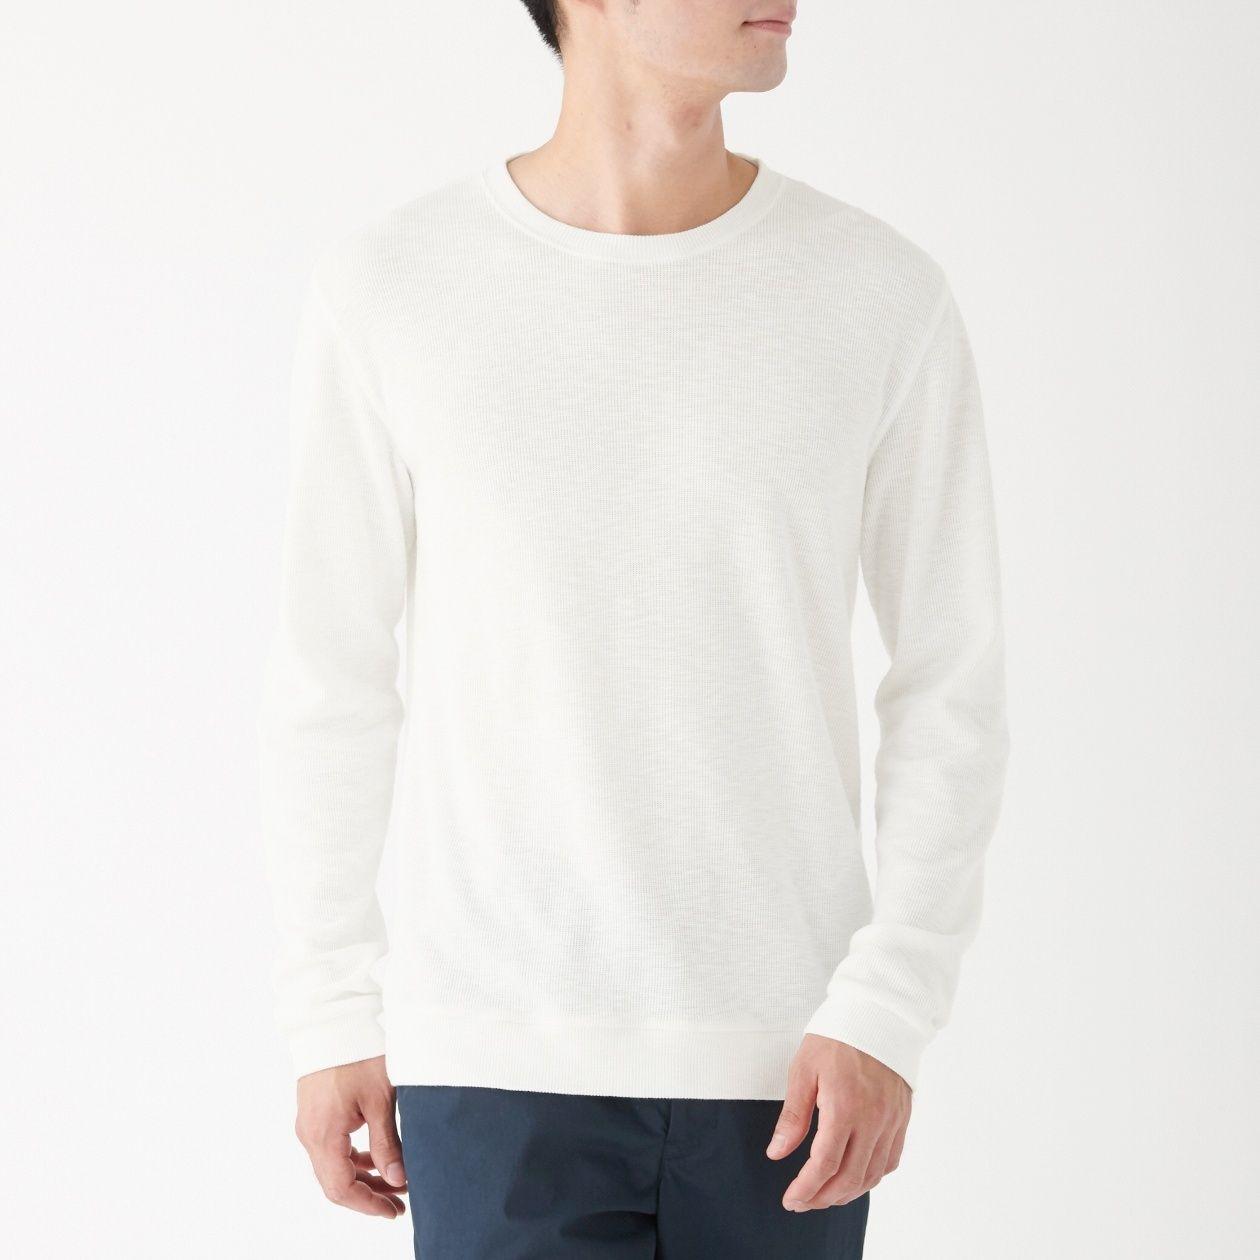 ムラ糸 ワッフル編み長袖Tシャツ